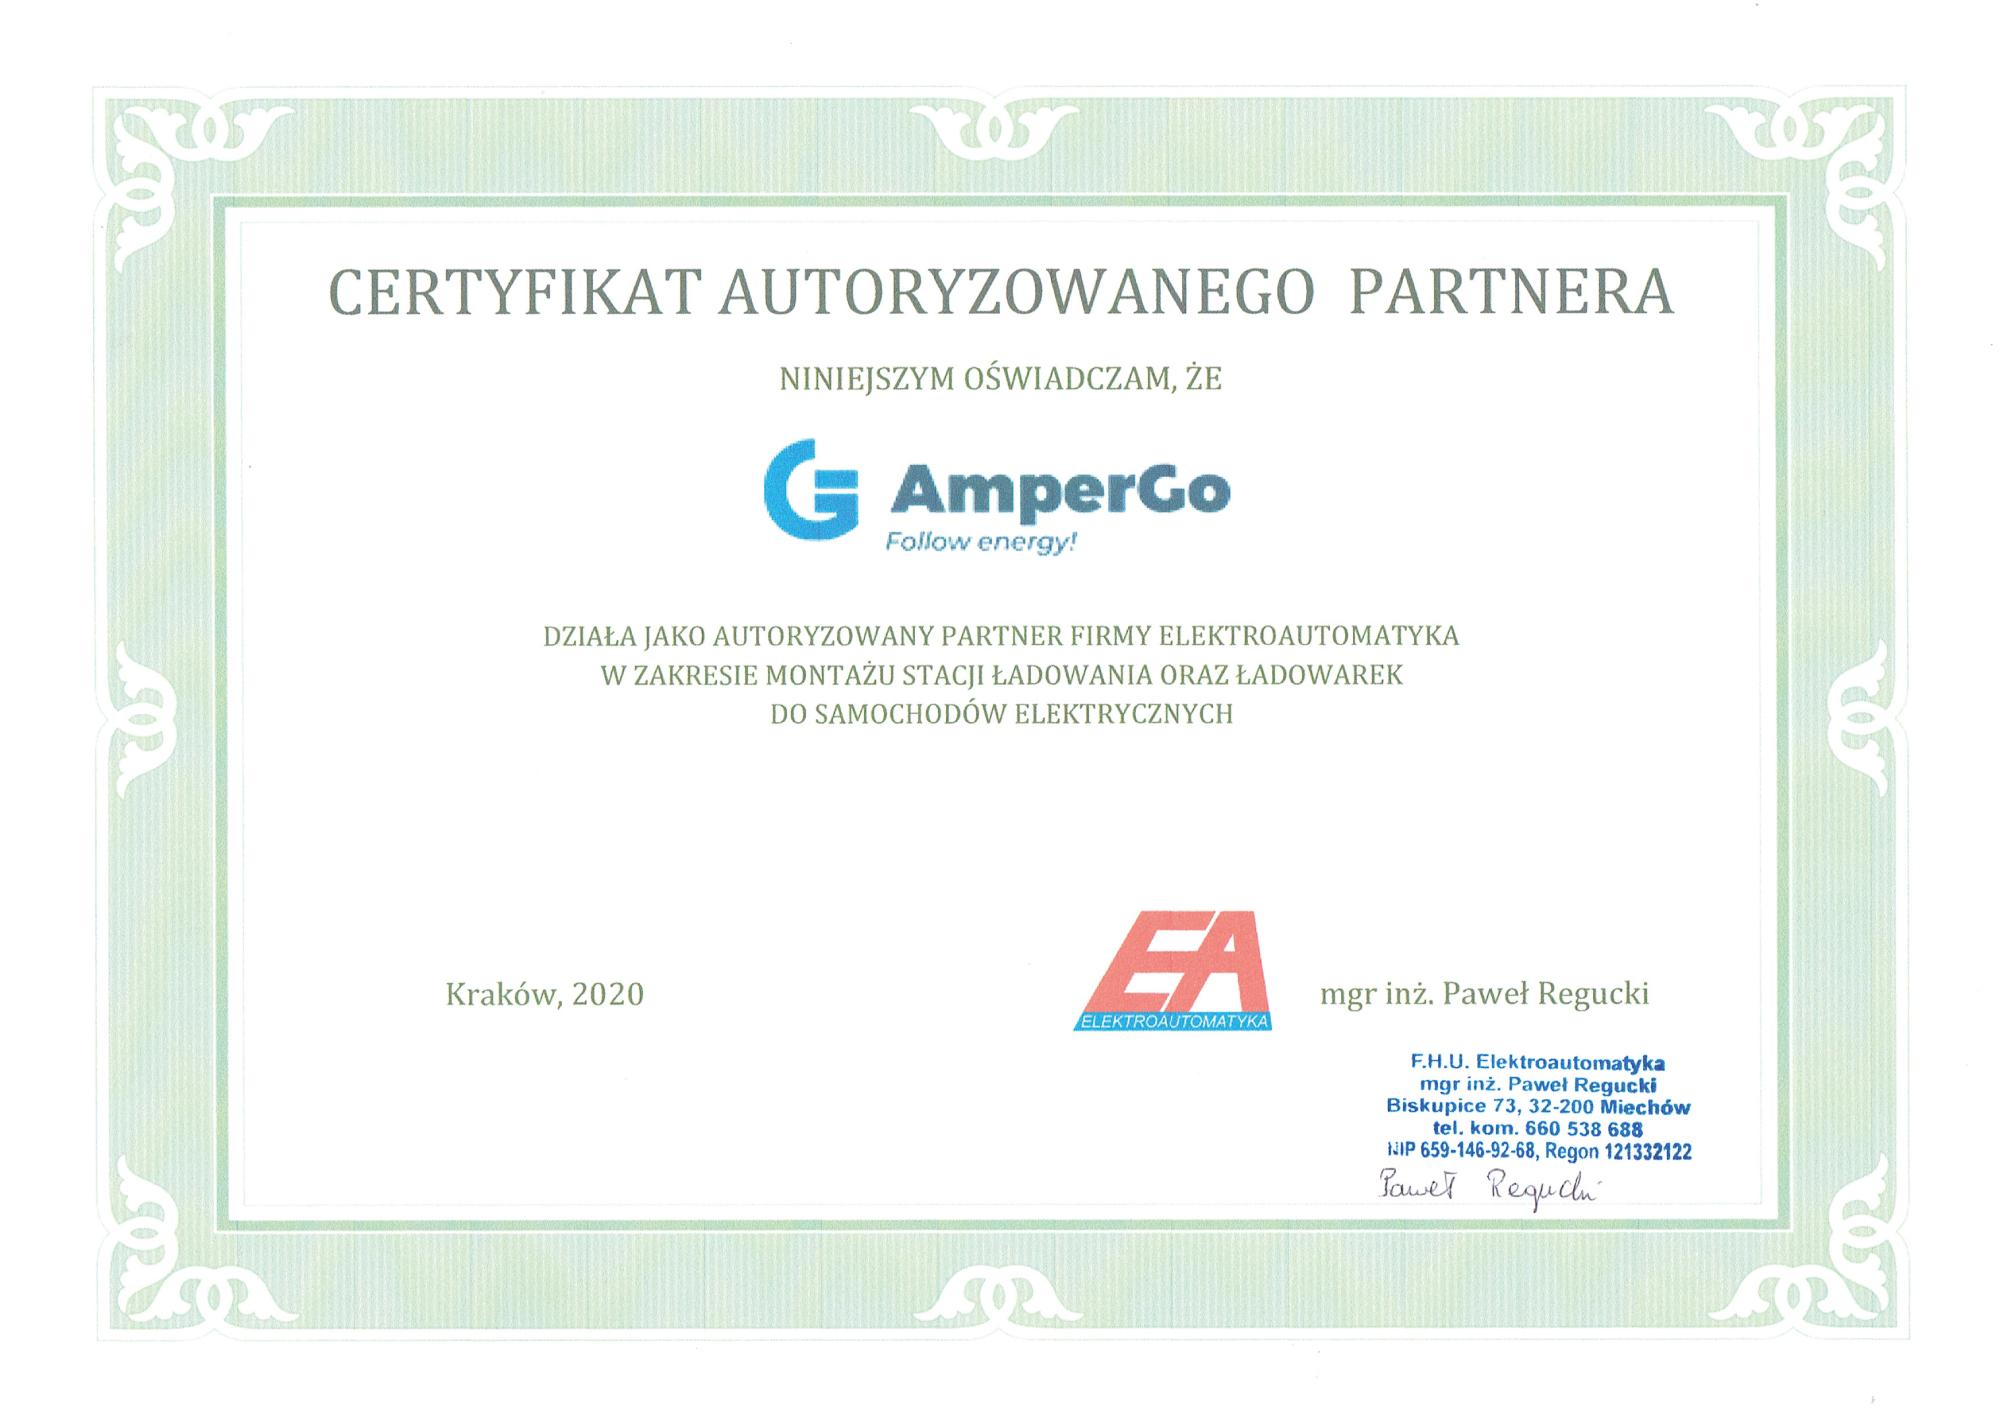 Certyfikat autoryzowanego partnera - Elektroautomatyka